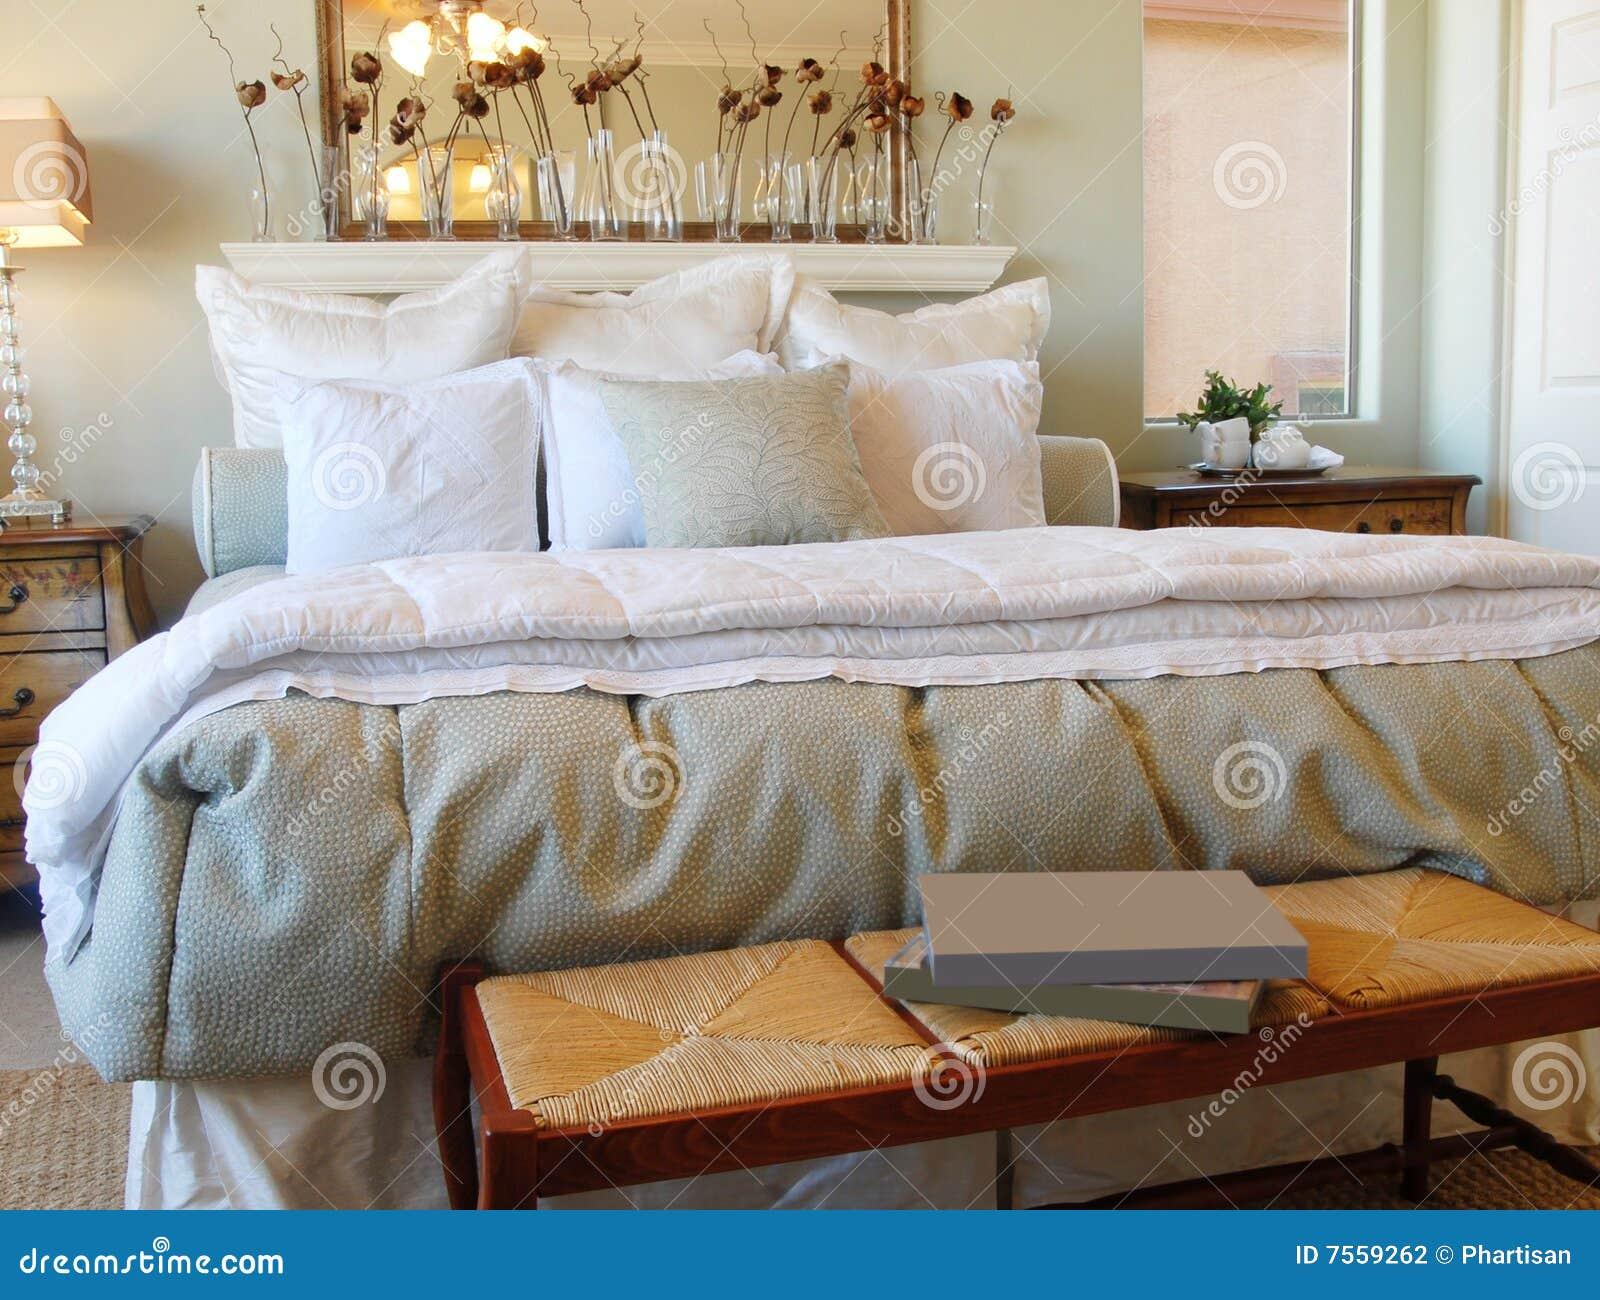 Romantisches Schlafzimmer-Innenarchitektur Stockfotografie - Bild ...